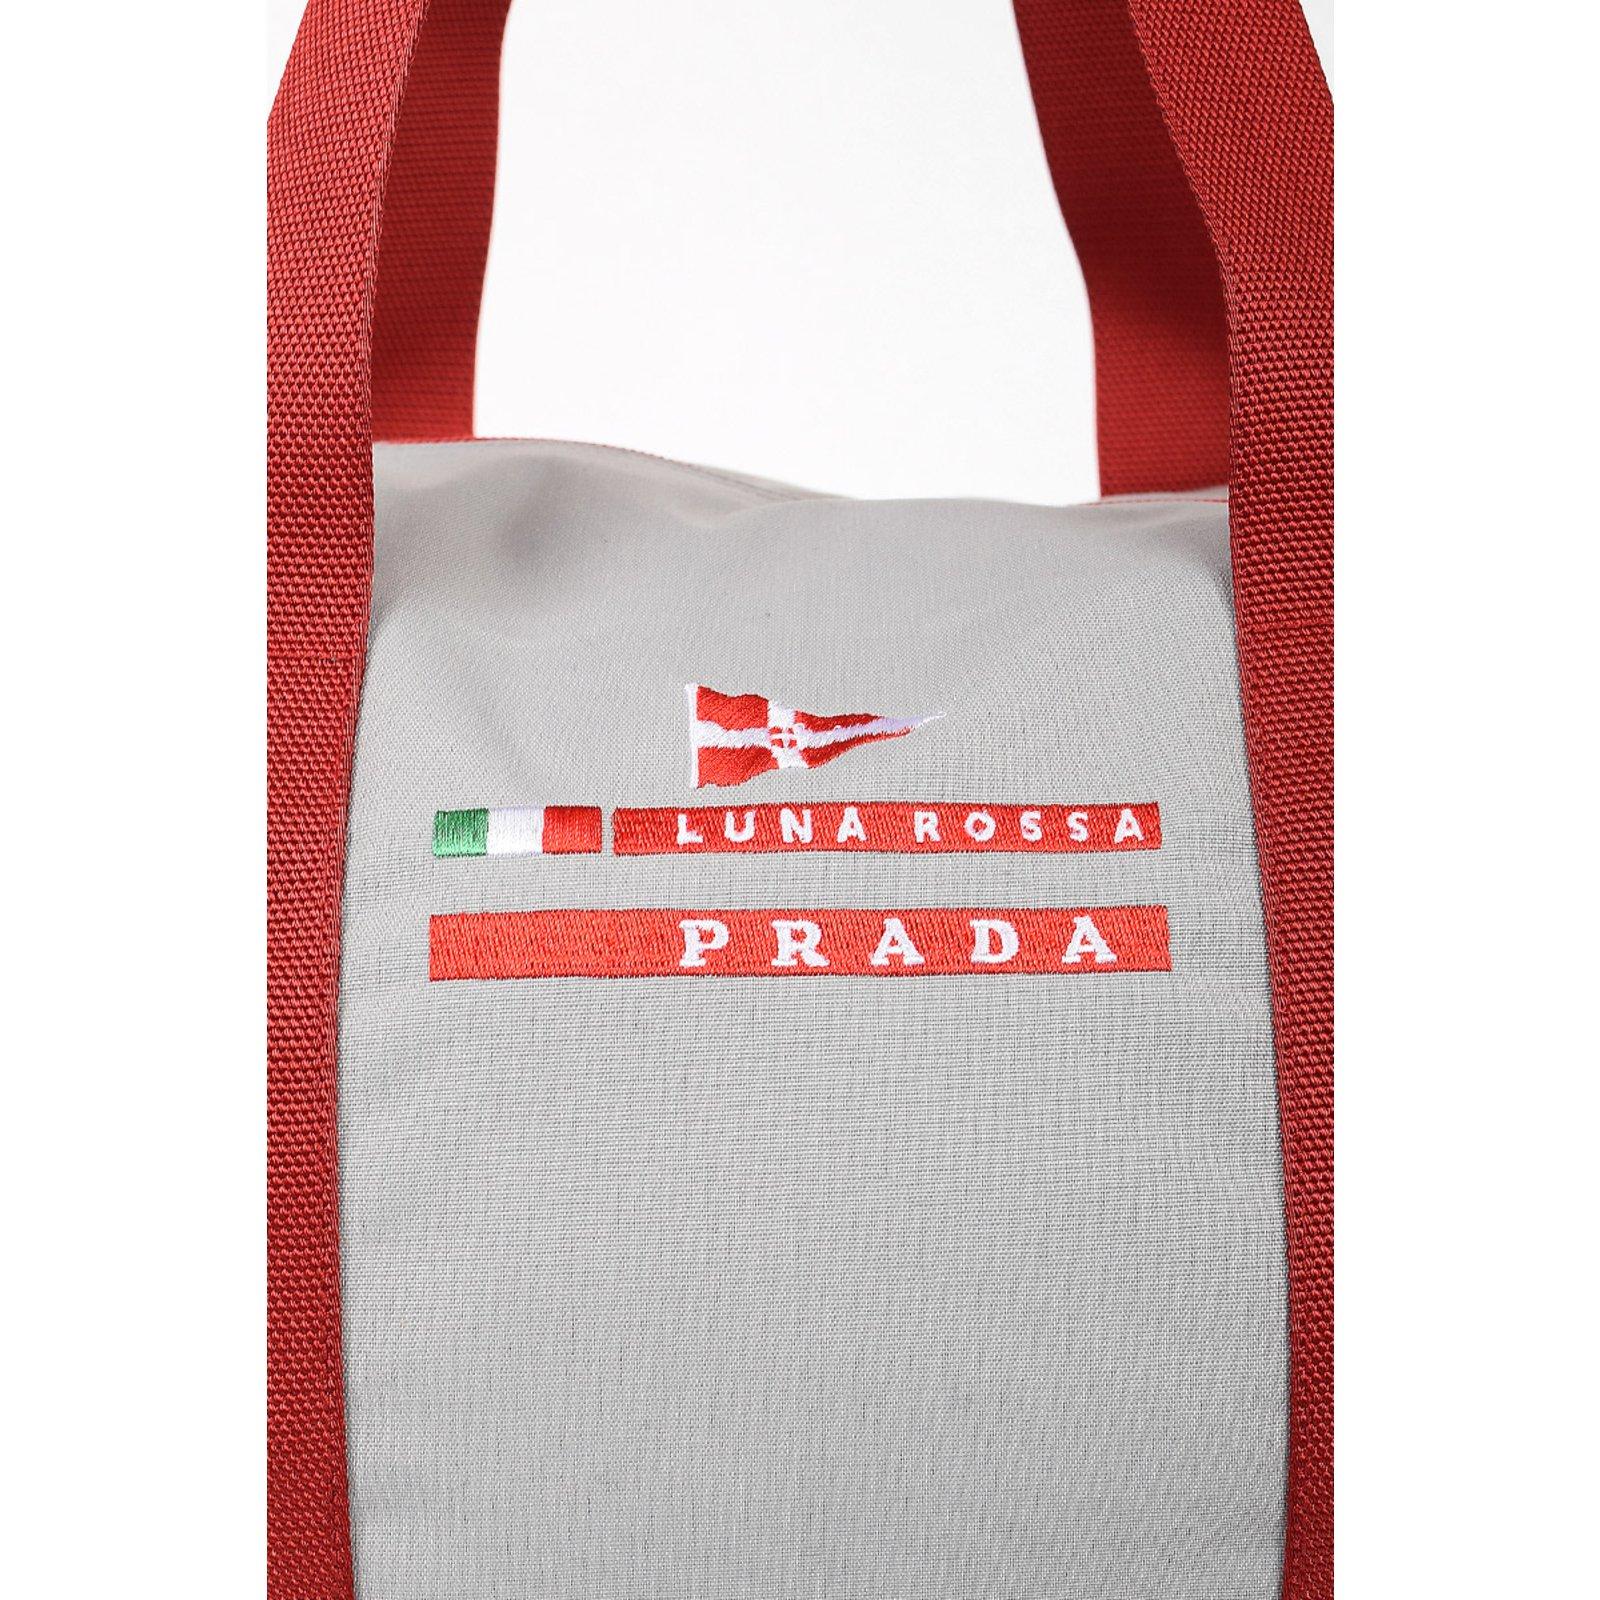 54d6fe7e0c23 Prada Luna Rossa Duffle bag new Bags Briefcases Nylon Grey ref.64865 - Joli  Closet